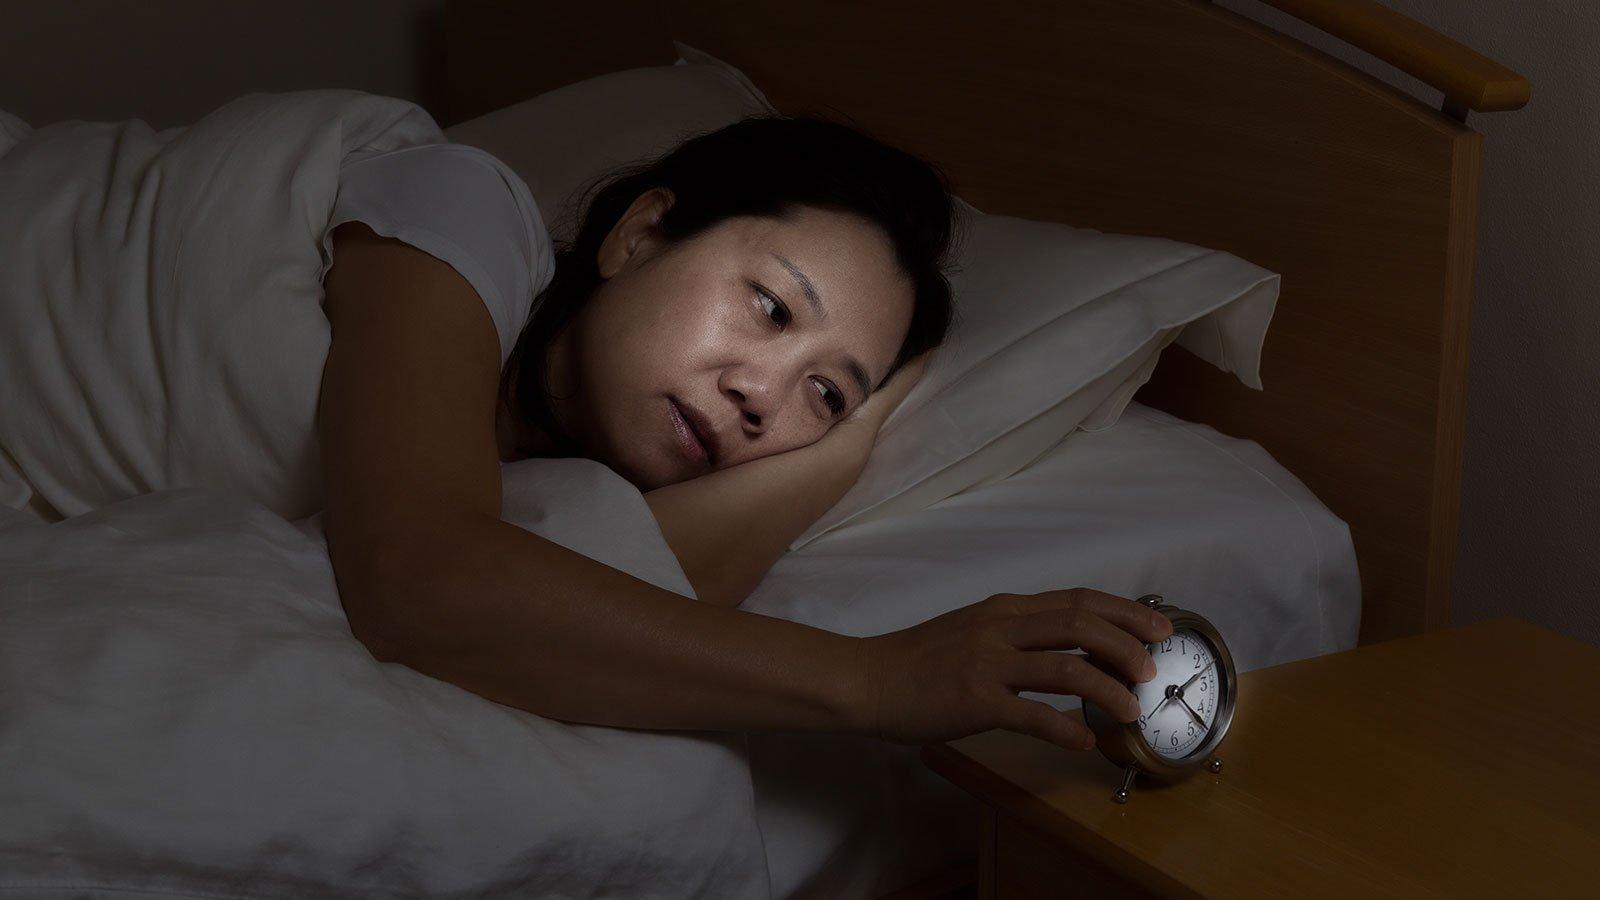 Søvn: Find din døgnrytme og undgå søvnløshed, når ferien slutter. Foto: Colourbox.